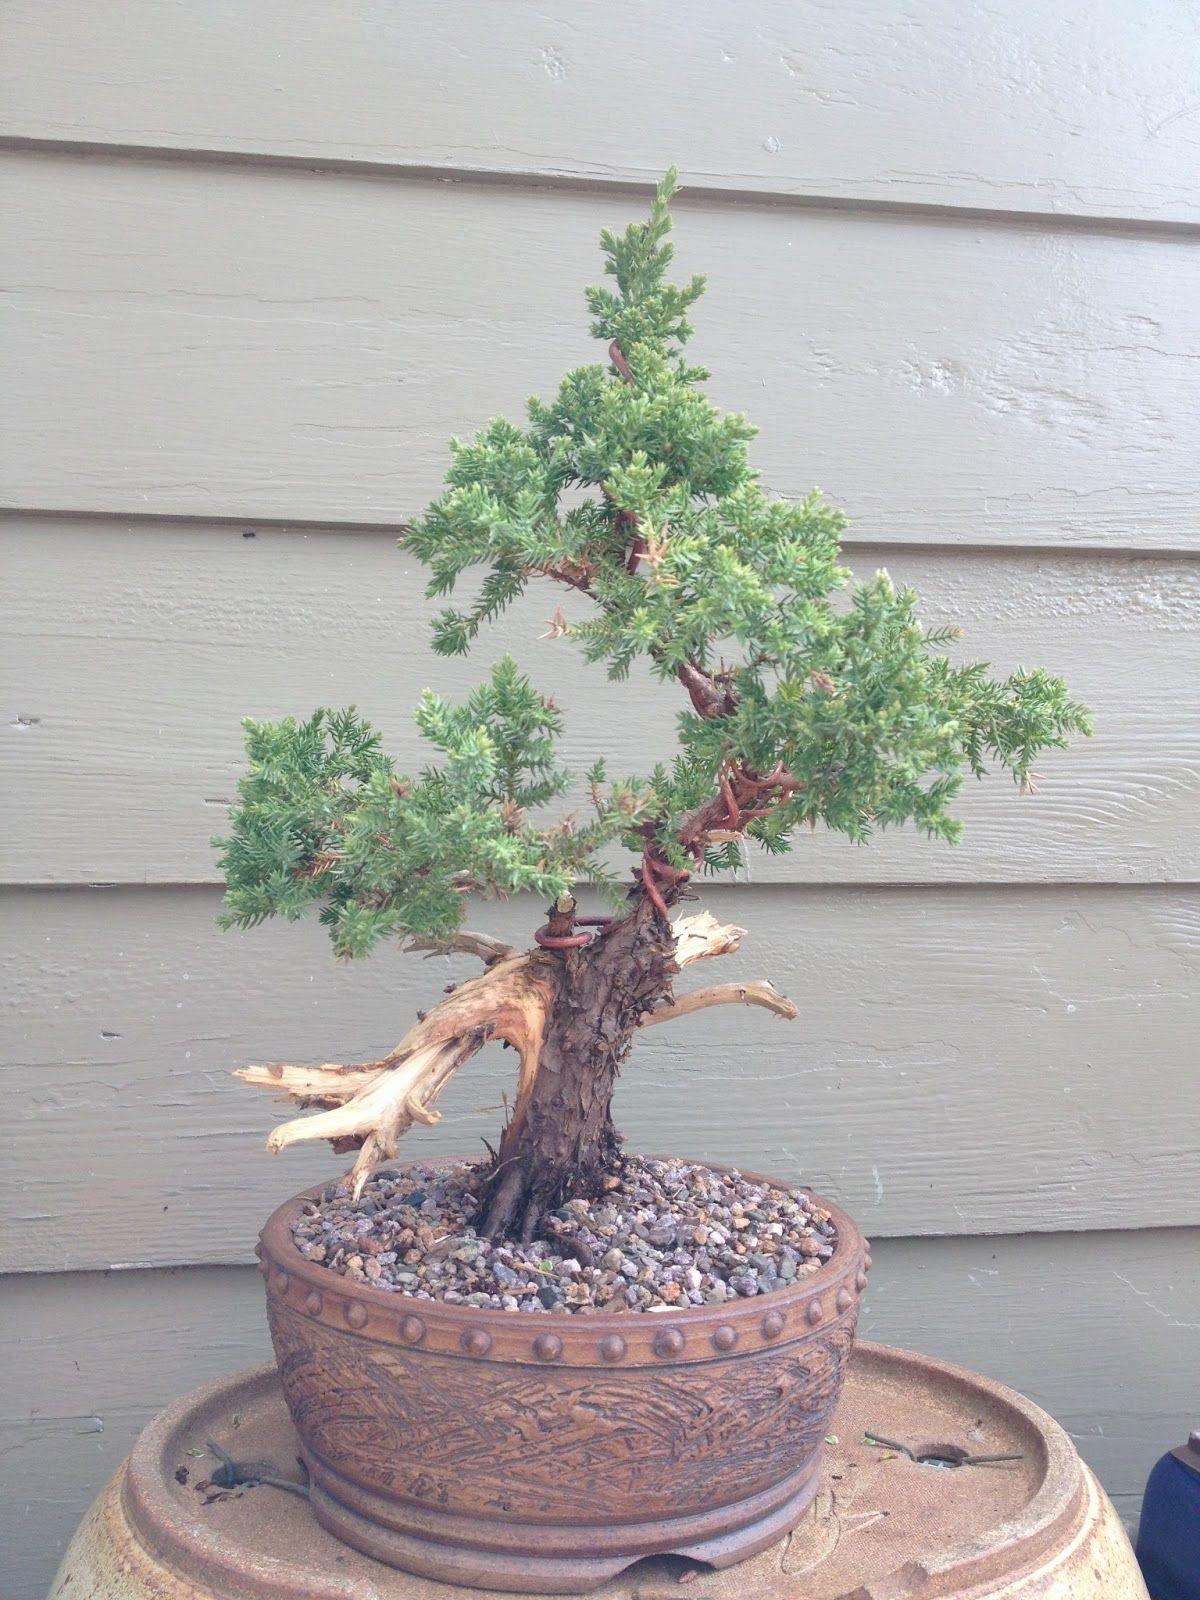 Bonsai Mr Miyagi : bonsai, miyagi, Bonsai, Amazing, Miyagi, Ideas,, Excellent, Loblolly, Lob…, Tree,, Bonsai,, Flowering